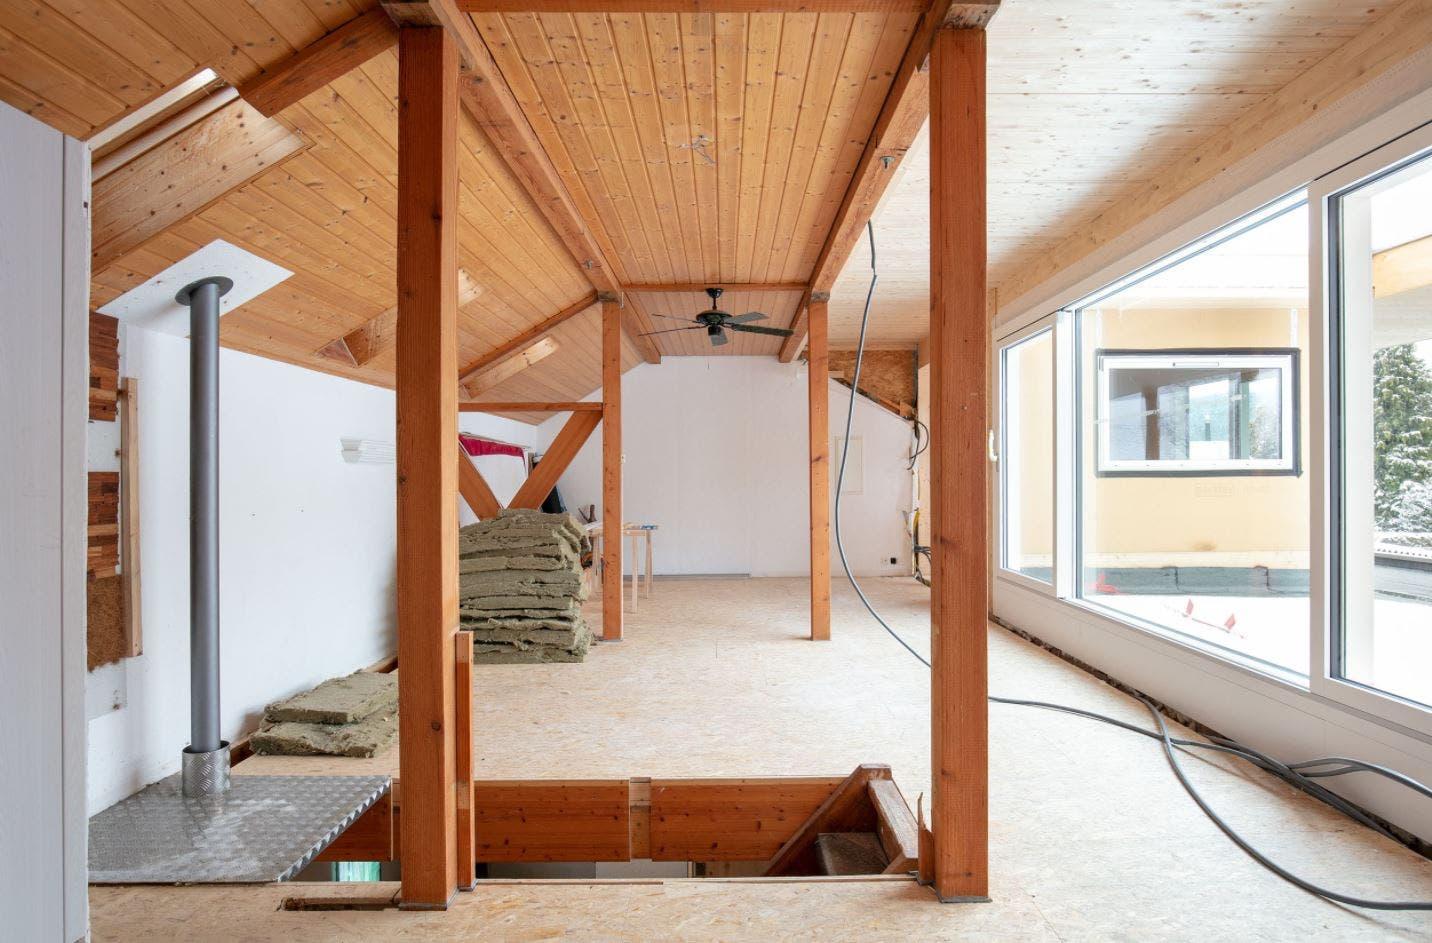 Das Gebäude hat einen eigenwilligen Grundriss und macht den Eindruck eines Liebhaberobjekts.